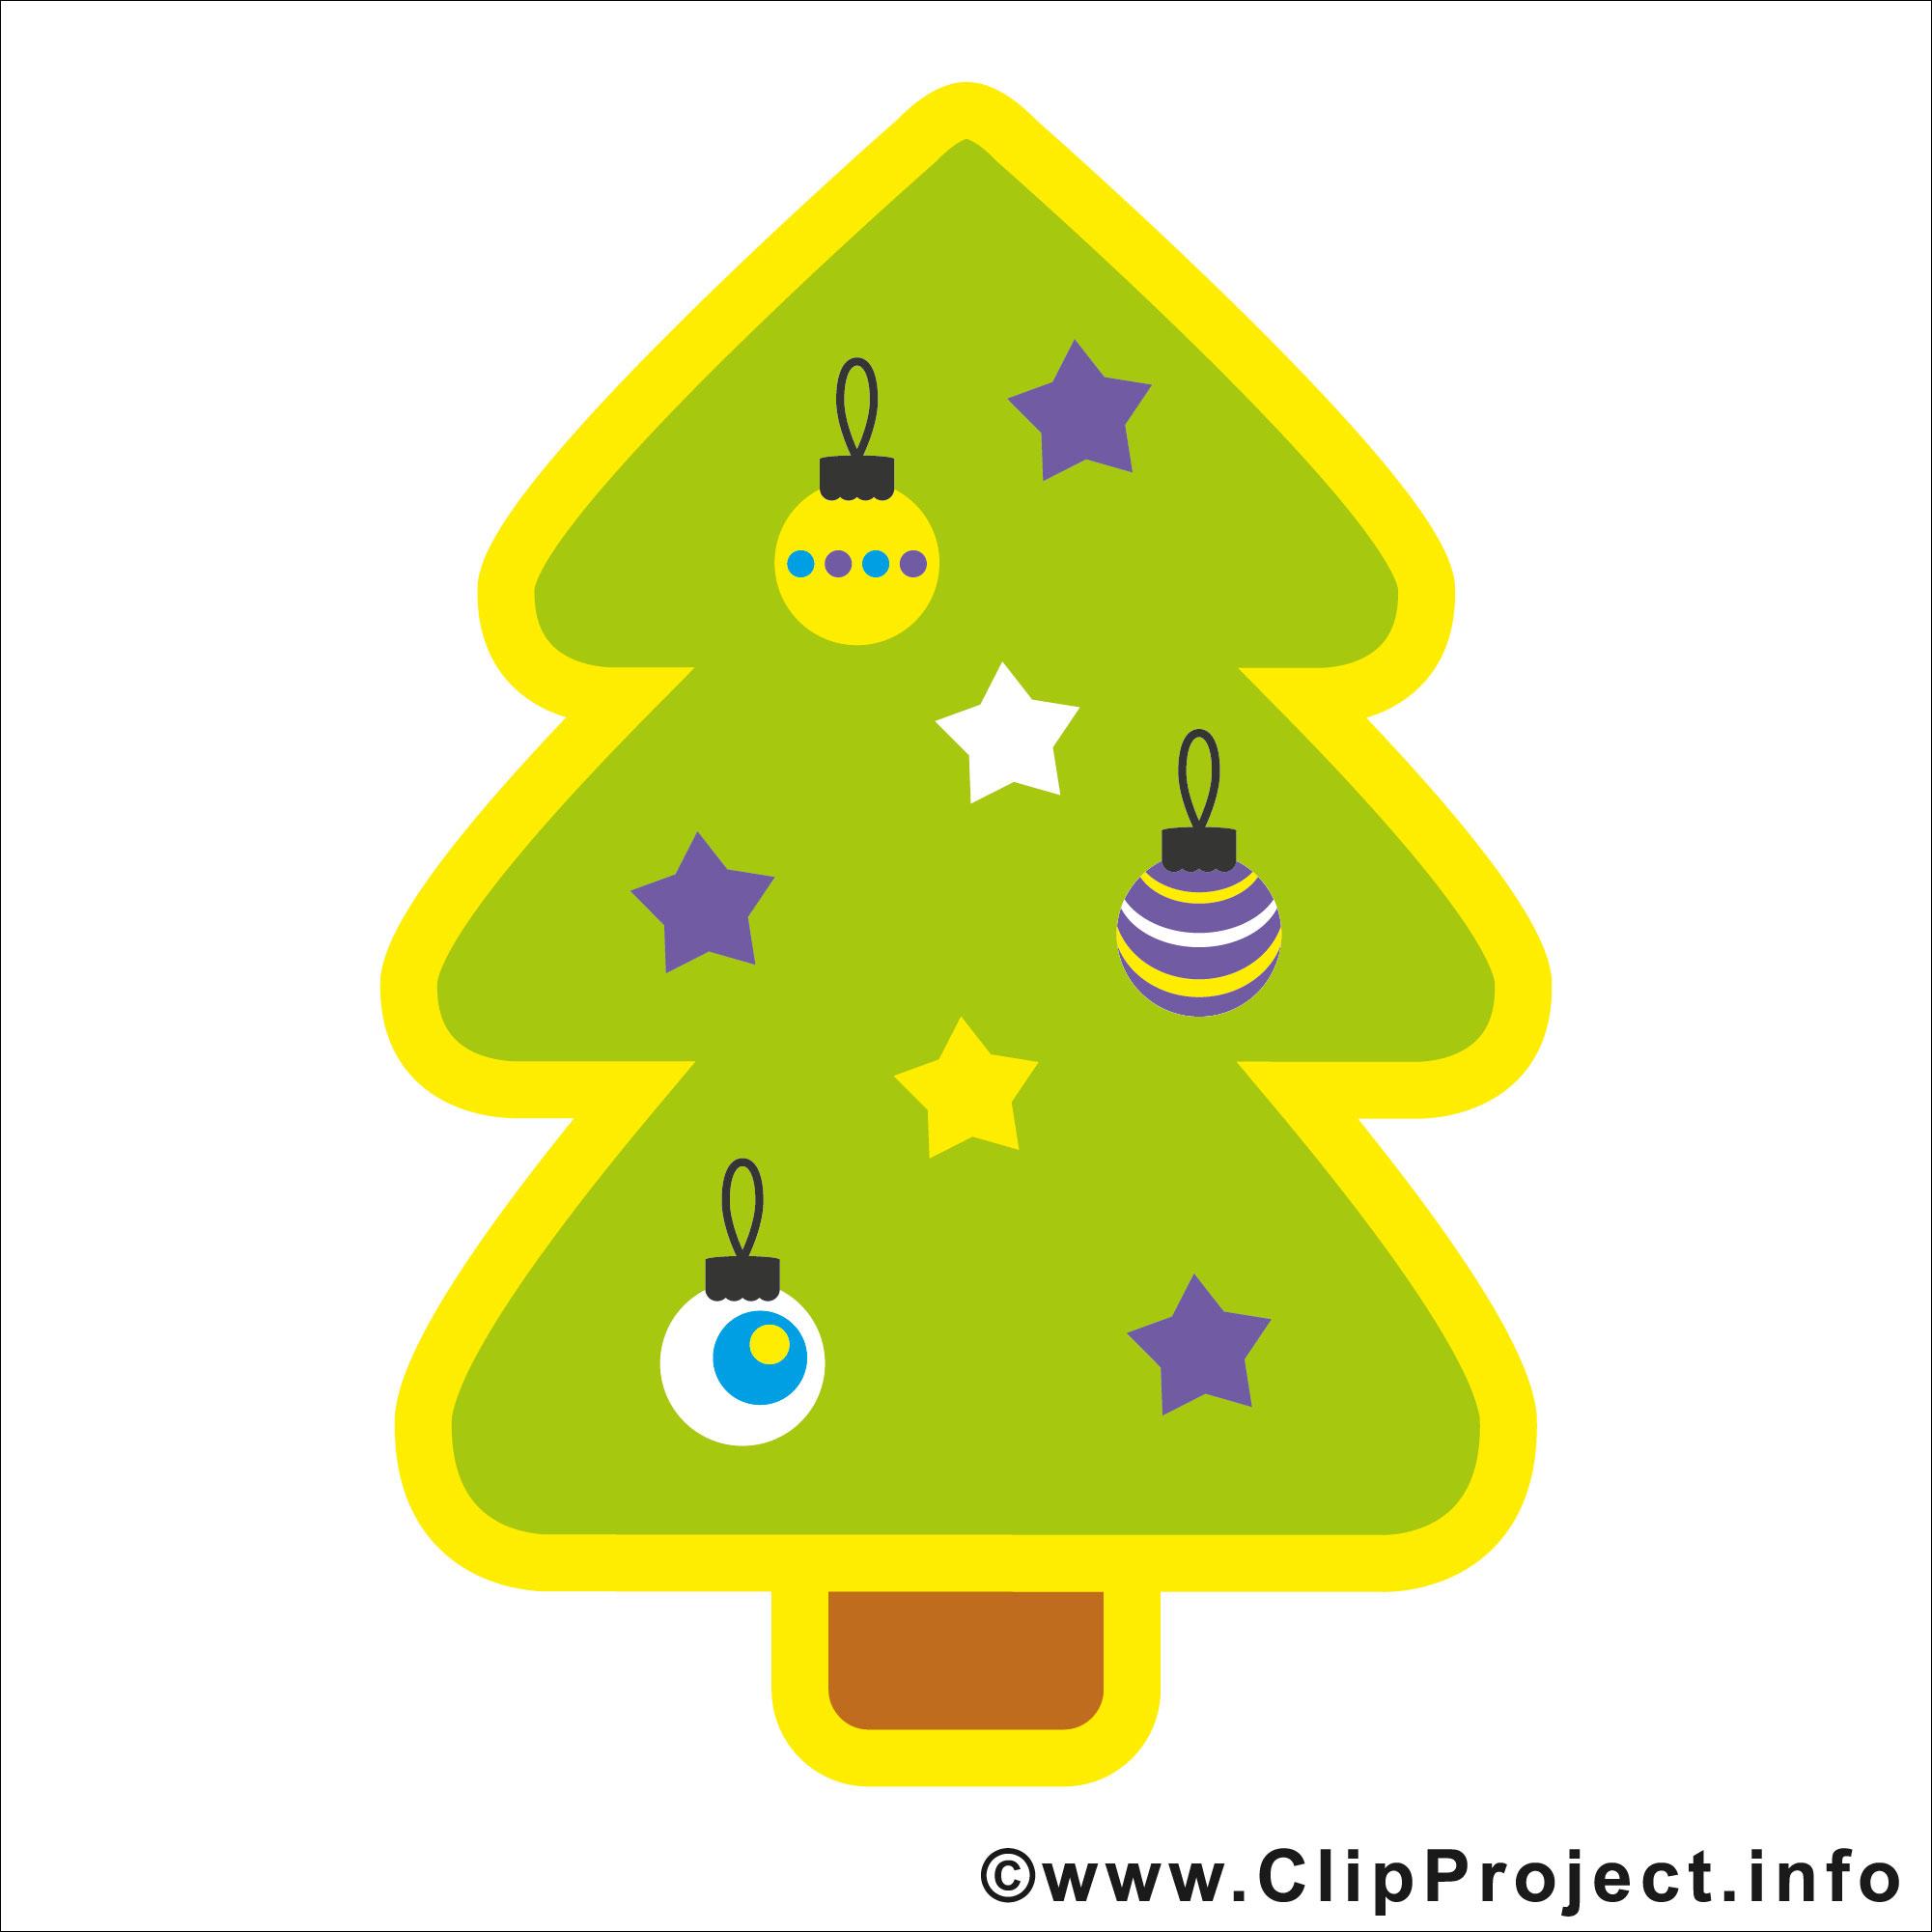 Weihnachtsbild Zum Ausdrucken Kostenlos bestimmt für Kostenlose Weihnachtsbilder Zum Ausdrucken